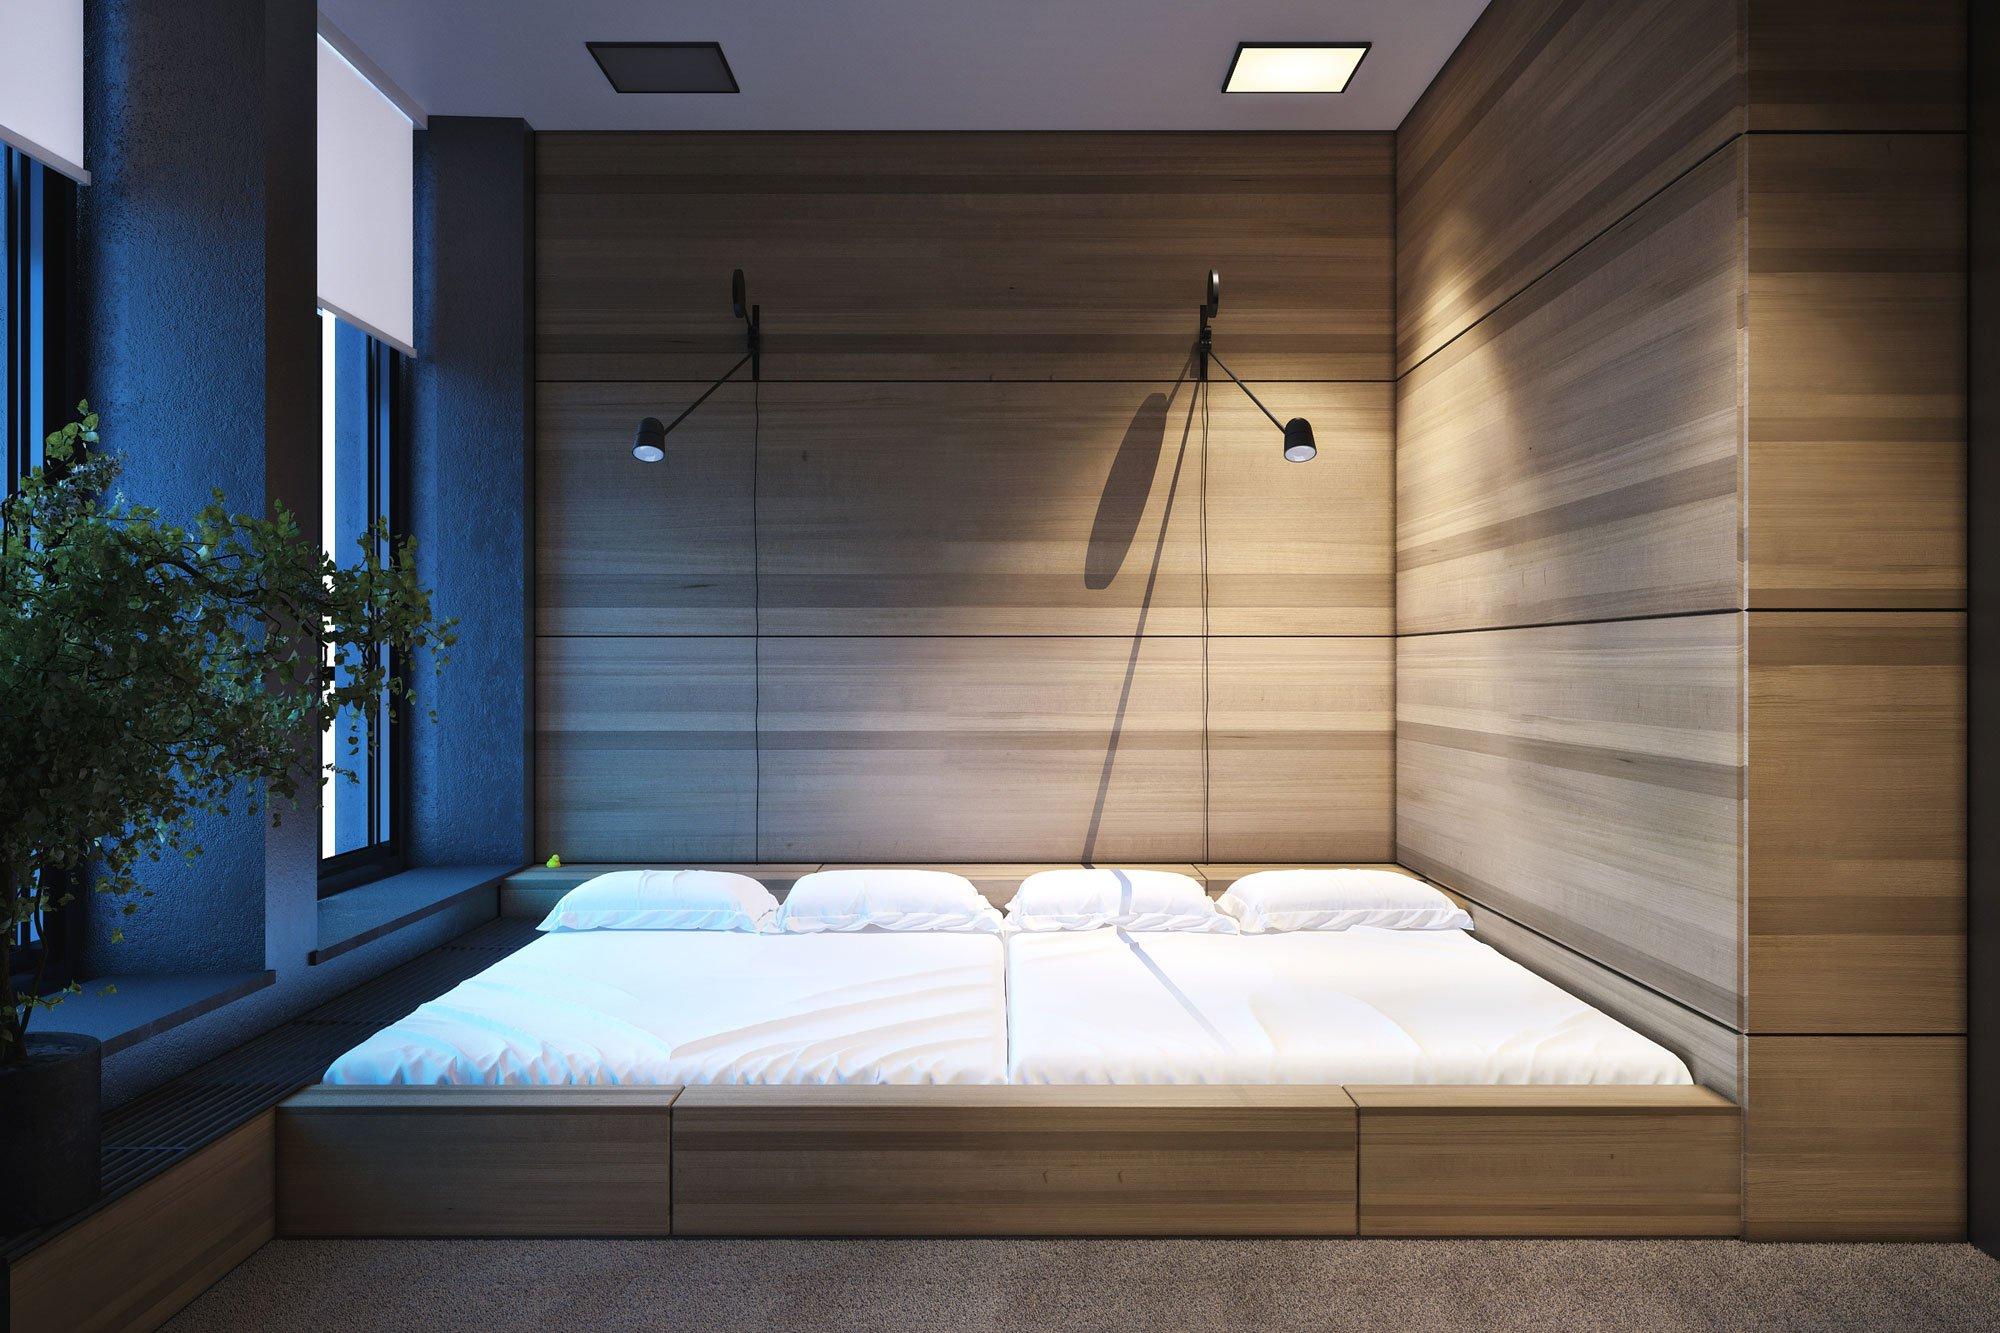 Кровать на полу картинки